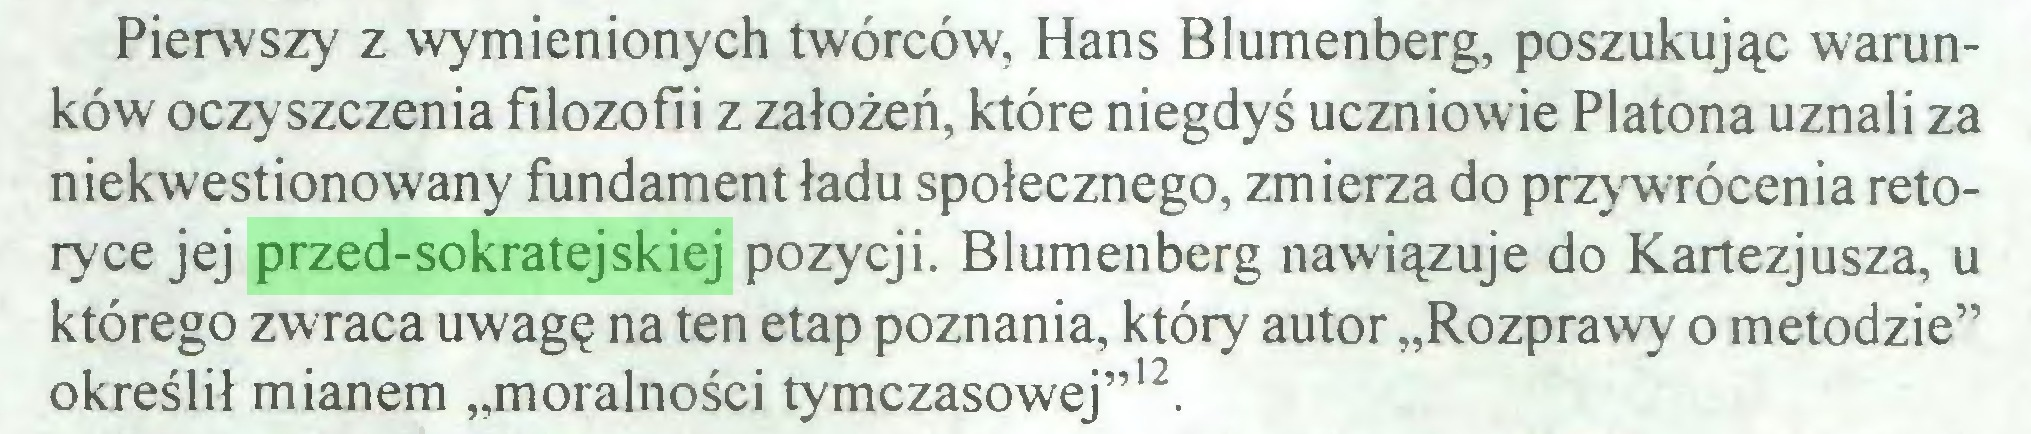 """(...) Pierwszy z wymienionych twórców, Hans Blumenberg, poszukując warunków oczyszczenia filozofii z założeń, które niegdyś uczniowie Platona uznali za niekwestionowany fundament ładu społecznego, zmierza do przywrócenia retoryce jej przed-sokratejskiej pozycji. Blumenberg nawiązuje do Kartezjusza, u którego zwraca uwagę na ten etap poznania, który autor """"Rozprawy o metodzie"""" określił mianem """"moralności tymczasowej""""12  13..."""